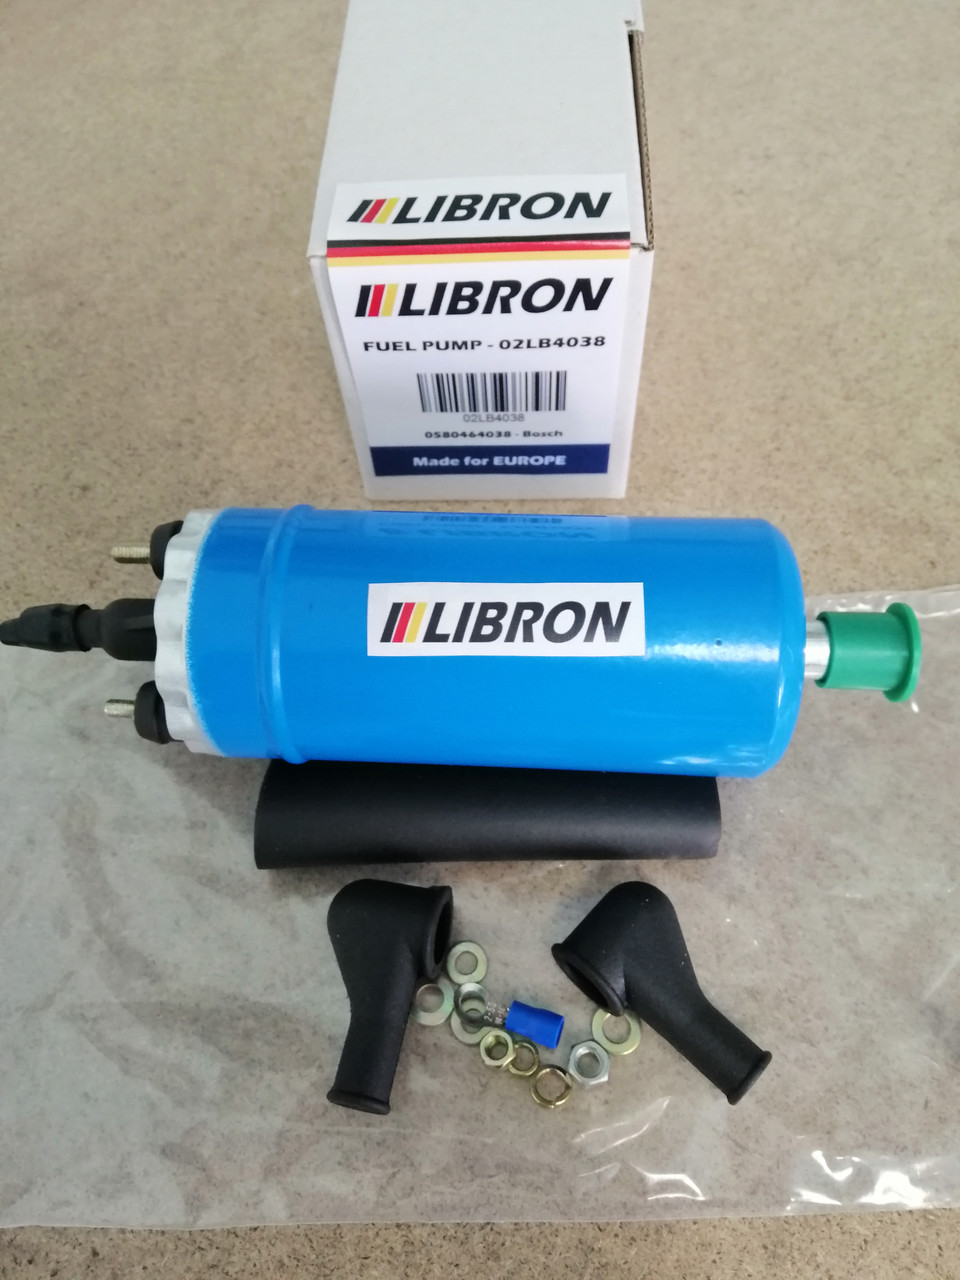 Топливный насос LIBRON 02LB4038 - OPEL CALIBRA A (85_) 2.5 i V6 (1993-1997)